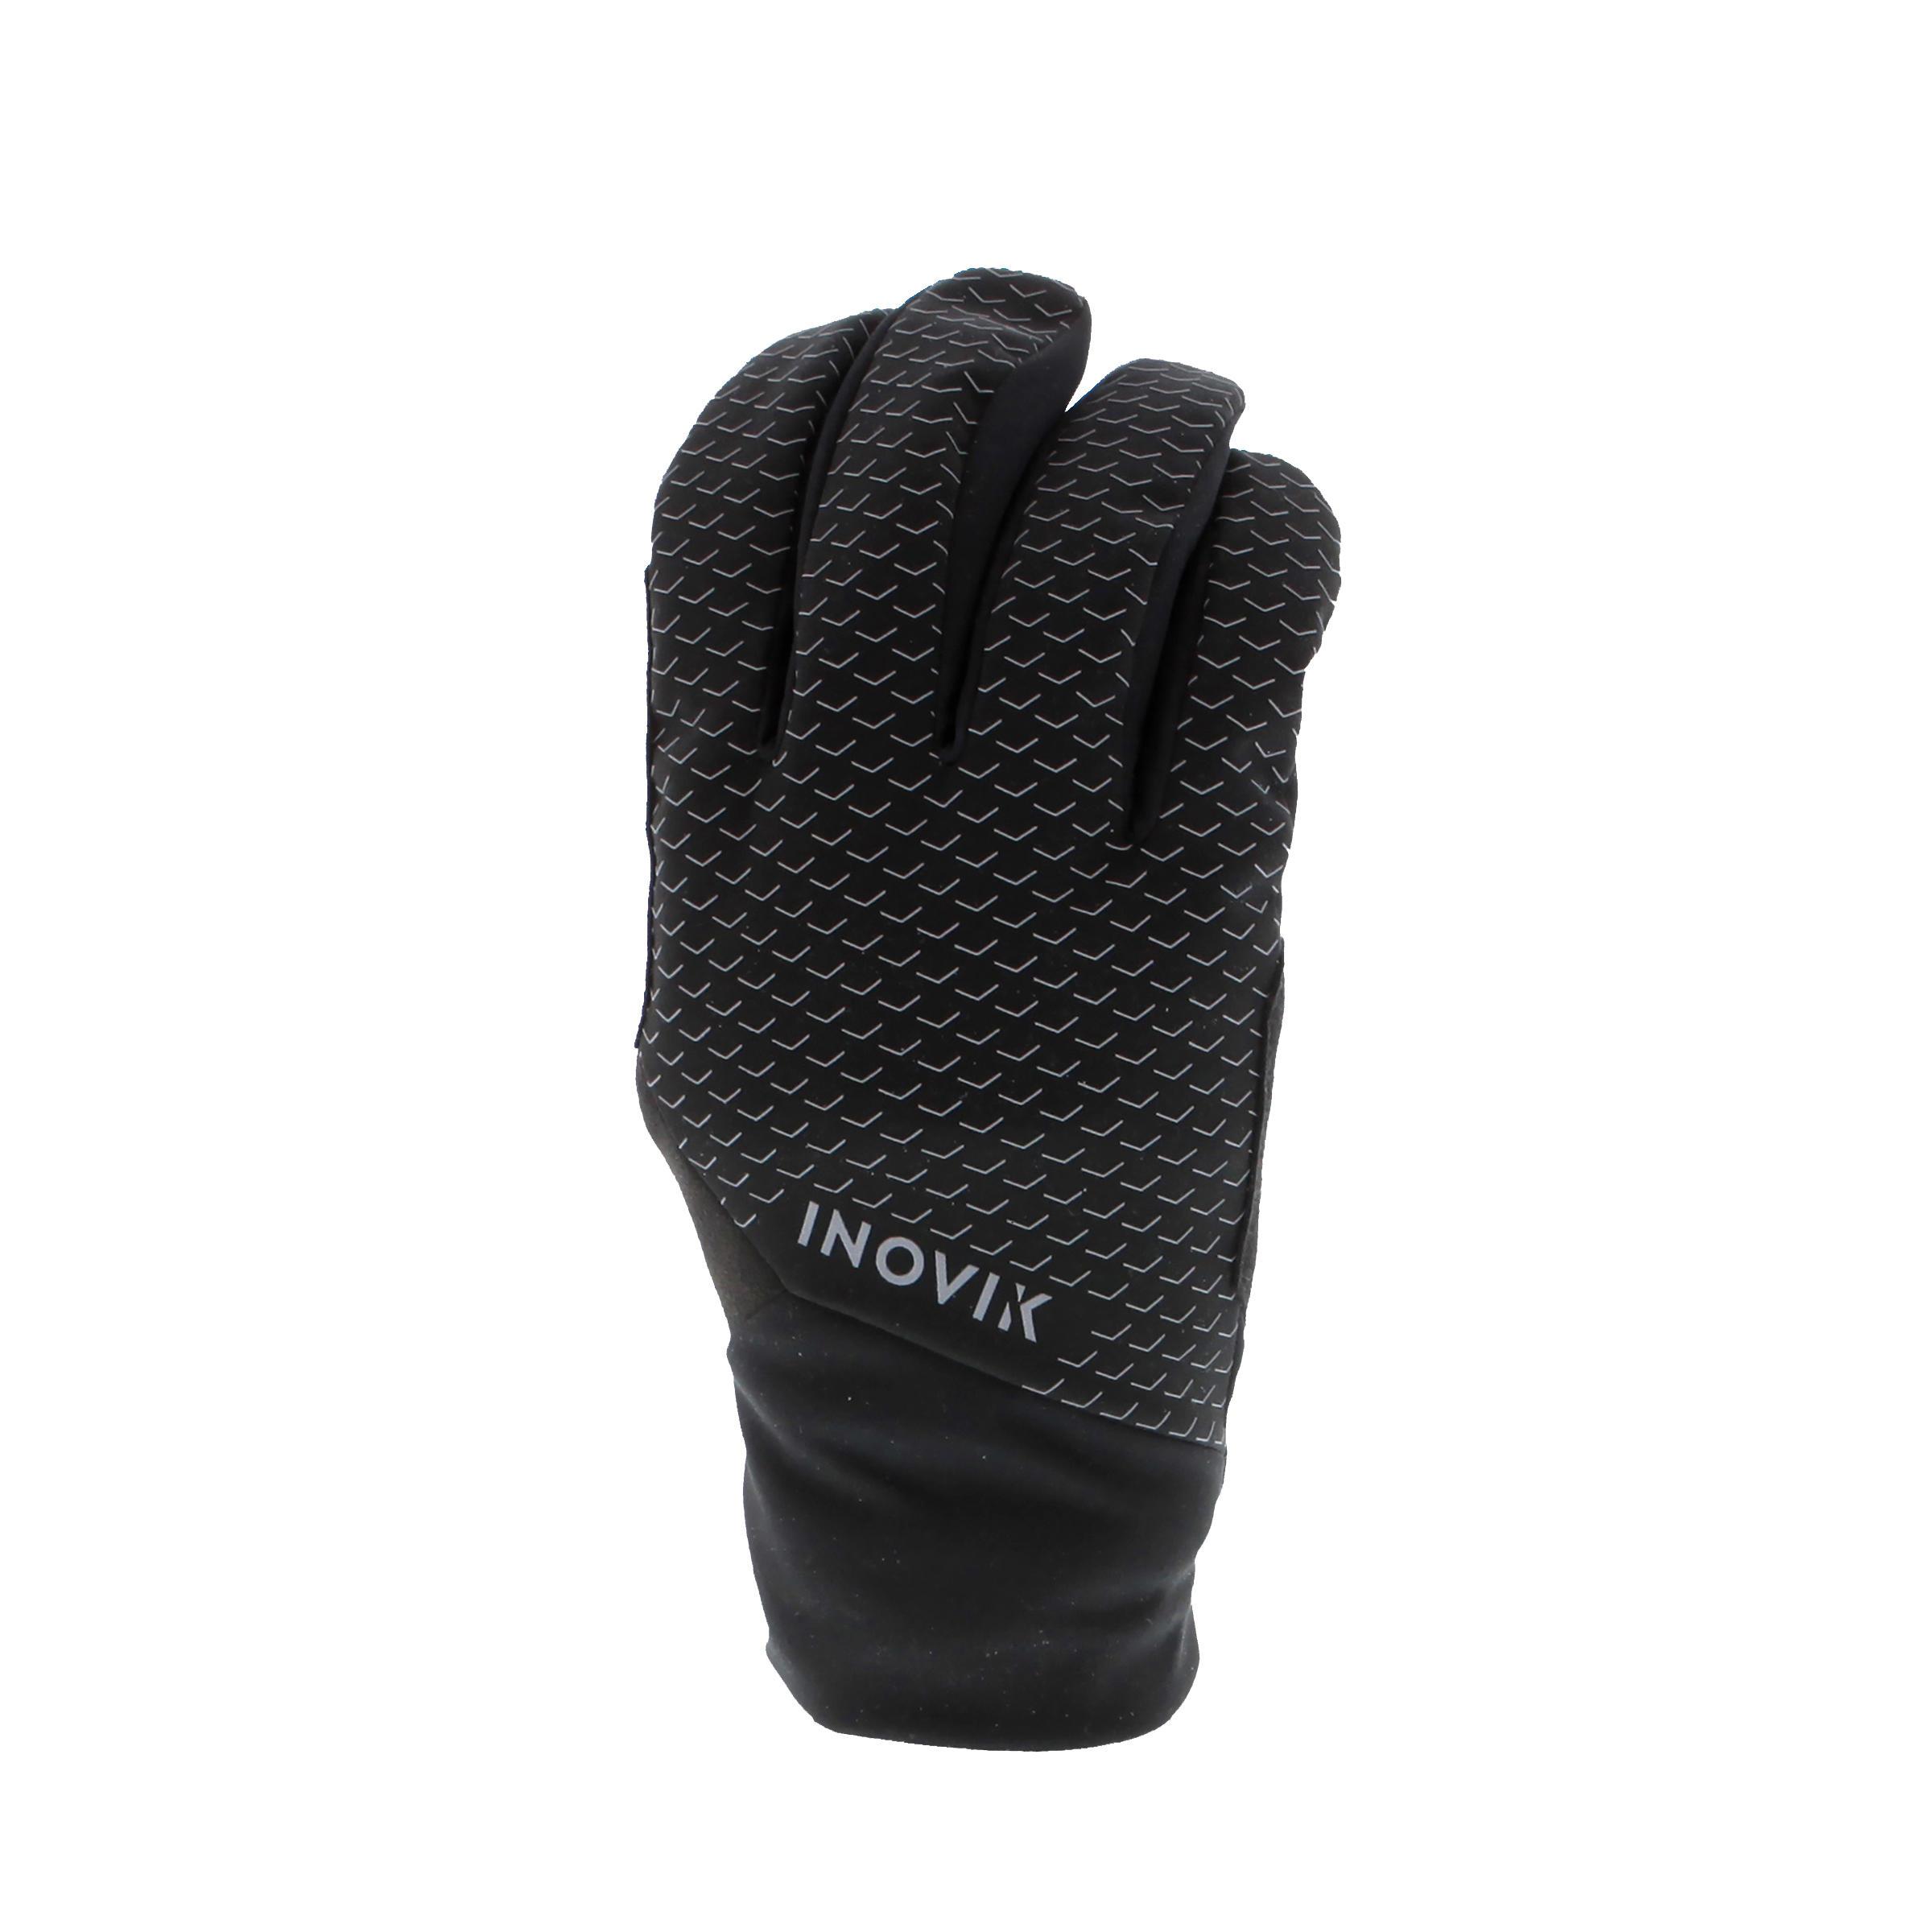 Inovik Warme kinderhandschoenen voor langlaufen XC S 100 zwart